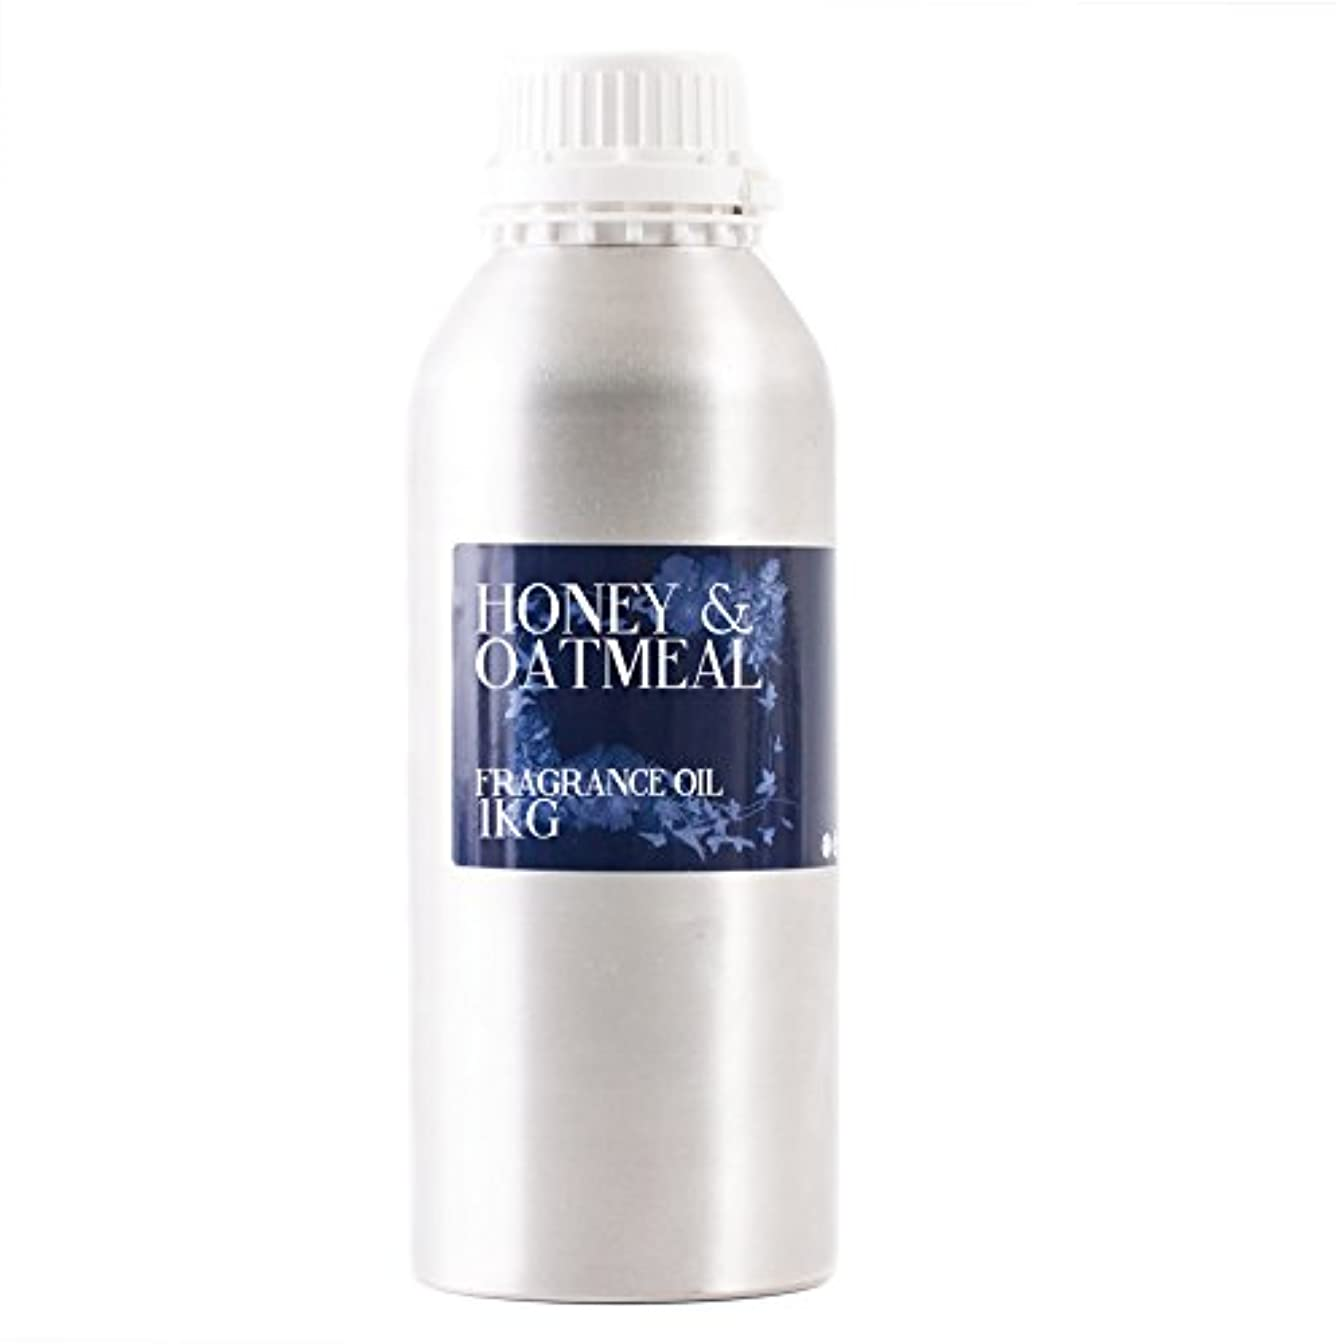 プロポーショナル遺棄されたトランジスタMystic Moments | Honey & Oatmeal Fragrance Oil - 1Kg